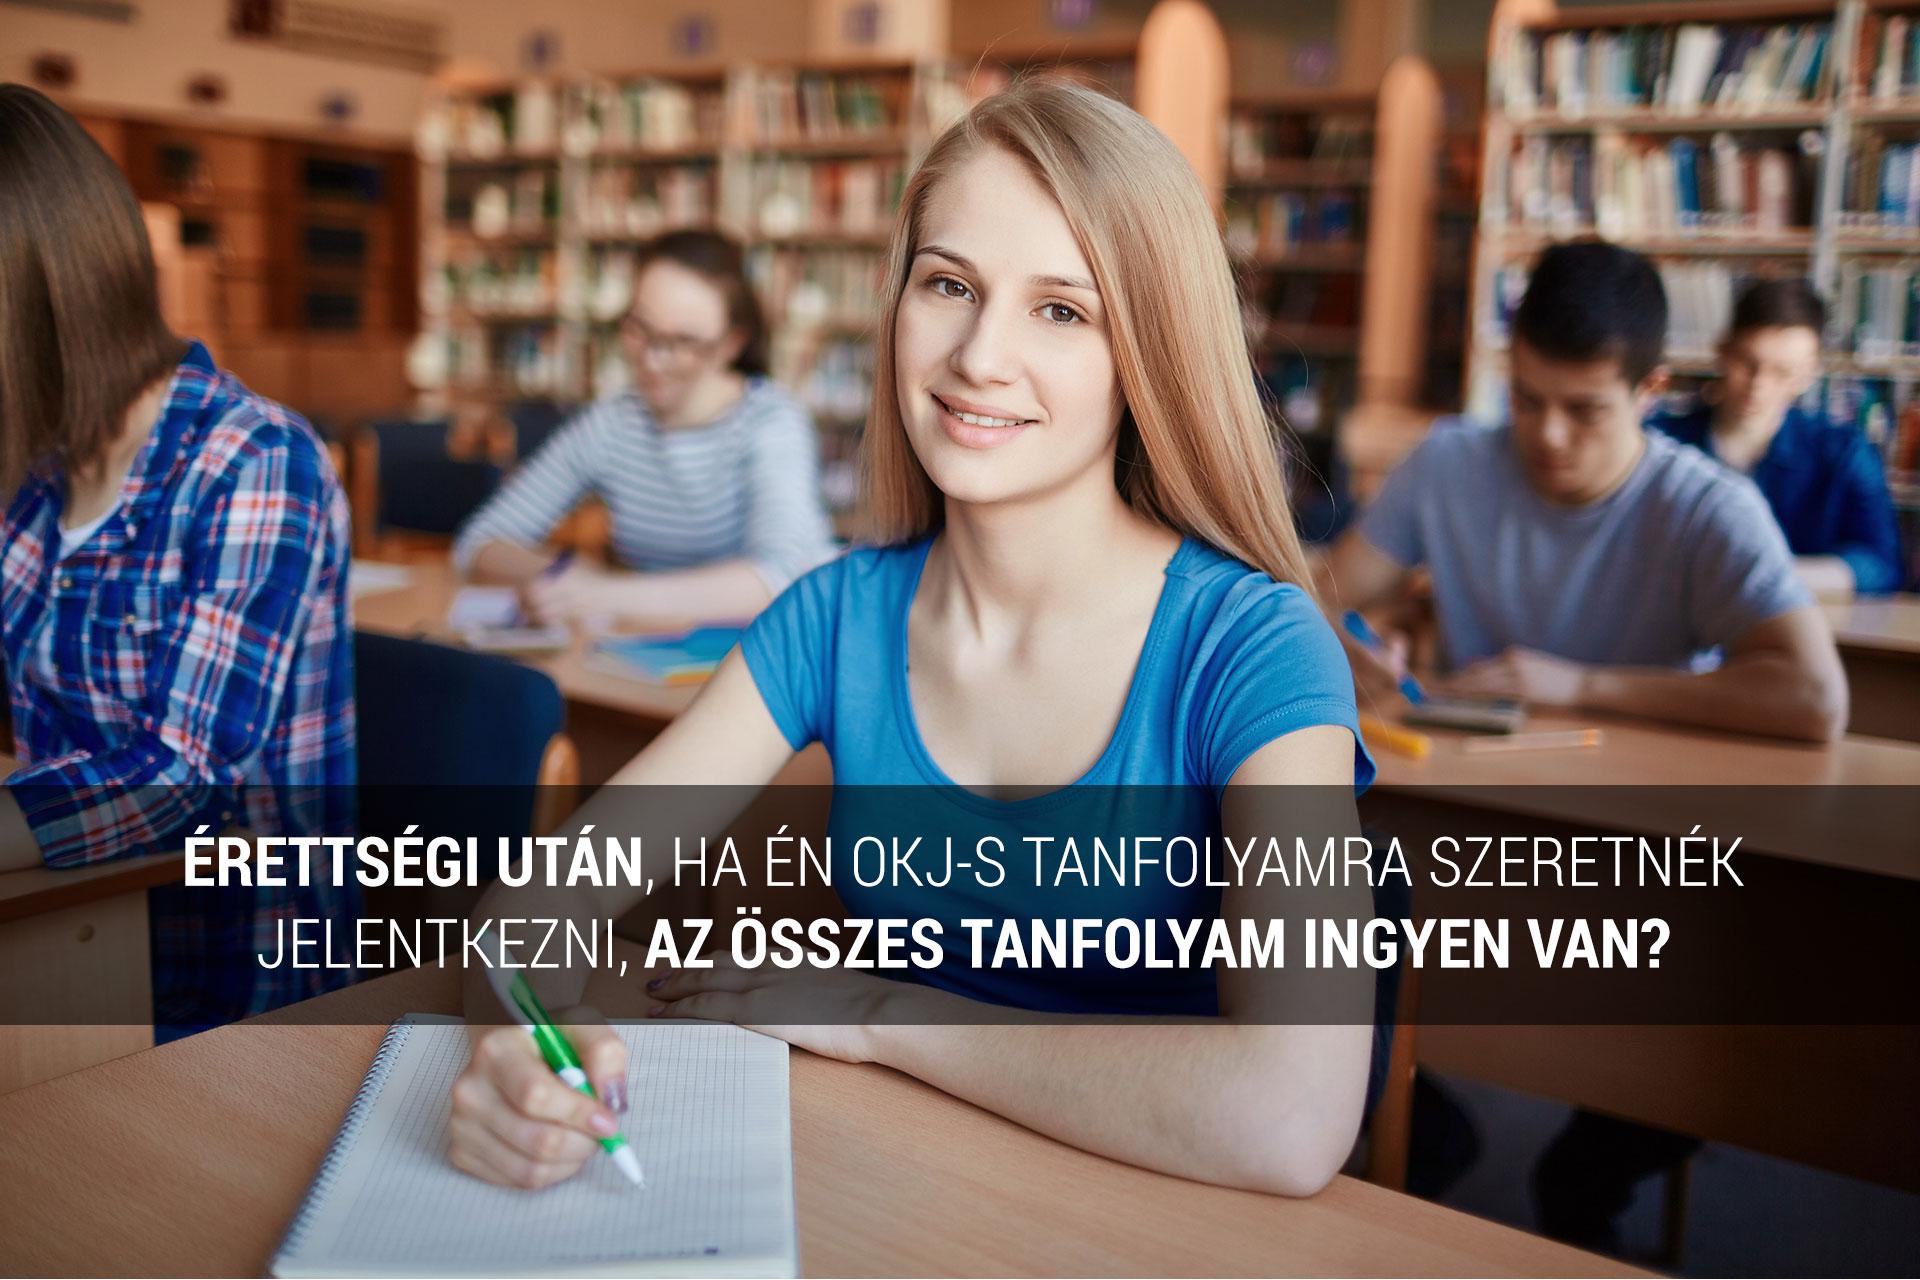 érettségi után ingyenes OKJ